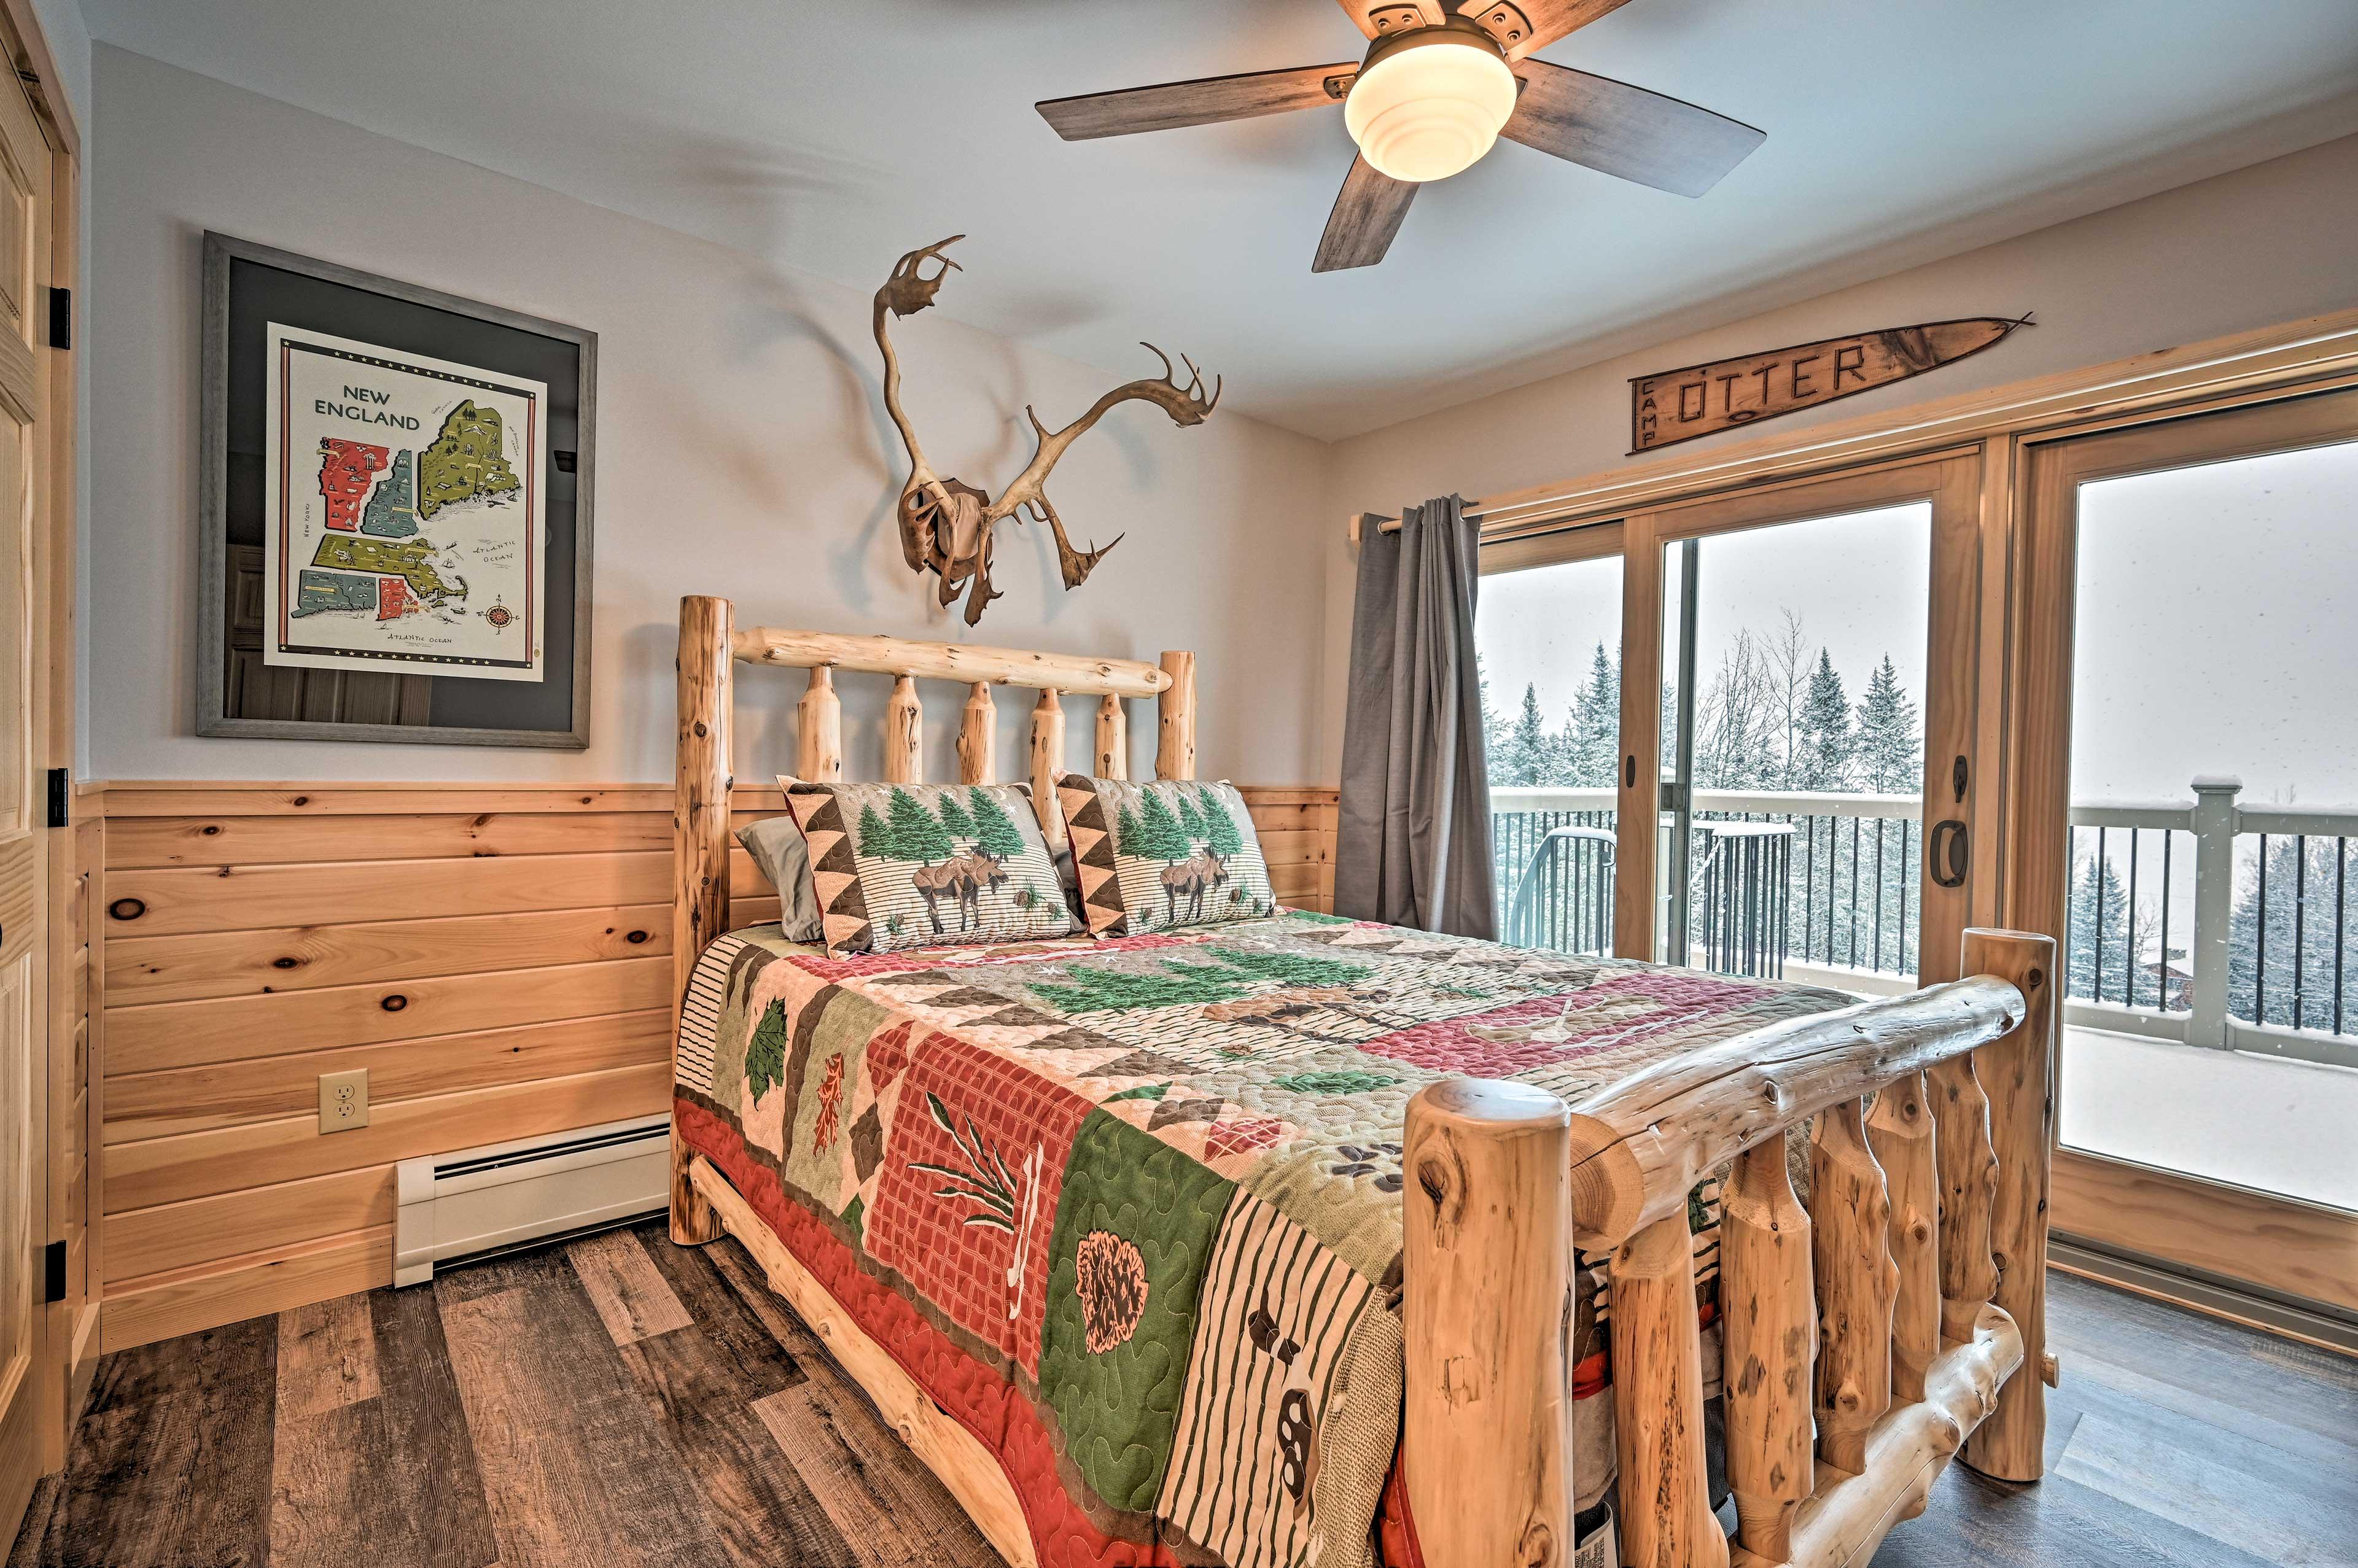 The last bedroom has a queen bed.